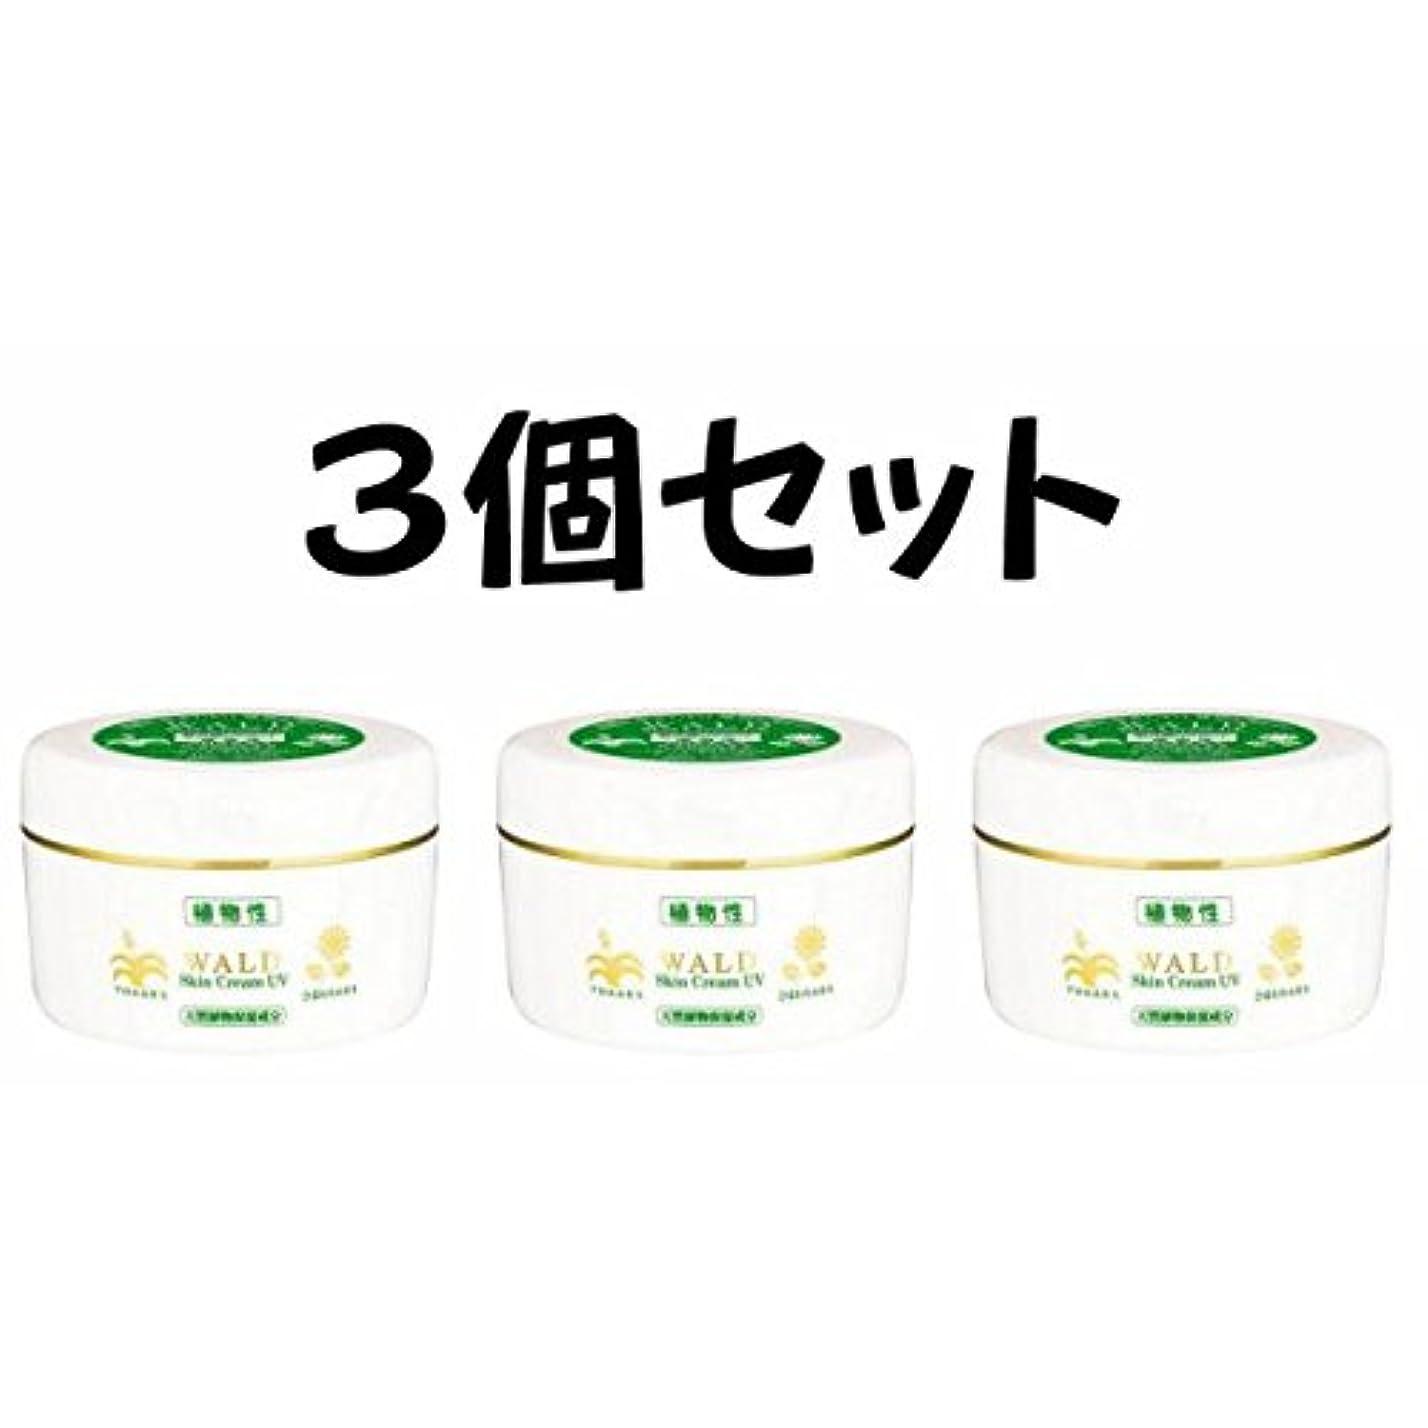 位置づける過言組み合わせ新 ヴァルトスキンクリーム UV (WALD Skin Cream UV) 220g (3)